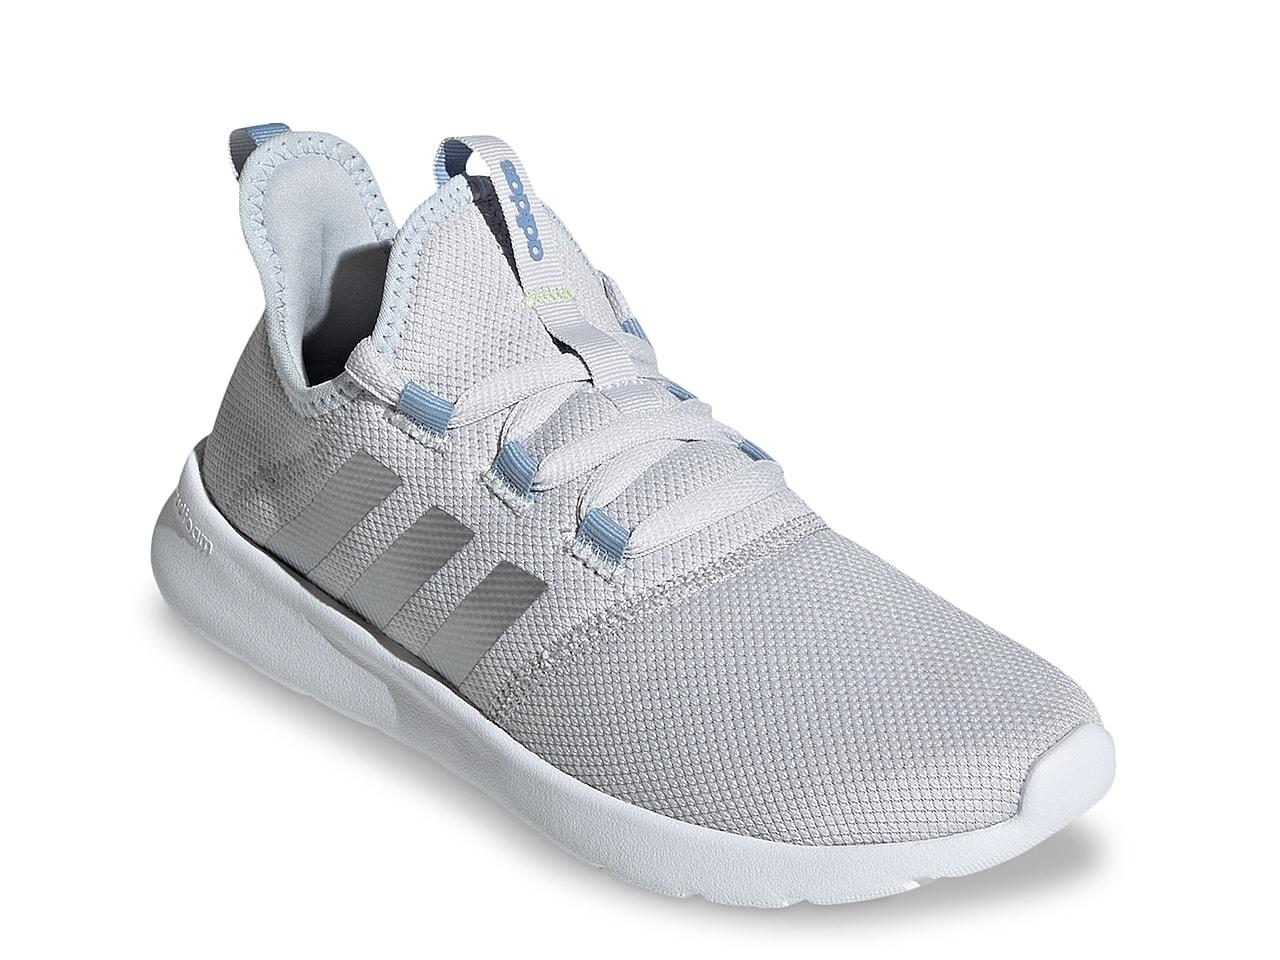 adidas Cloudfoam Pure 2.0 Running Shoe - Women's